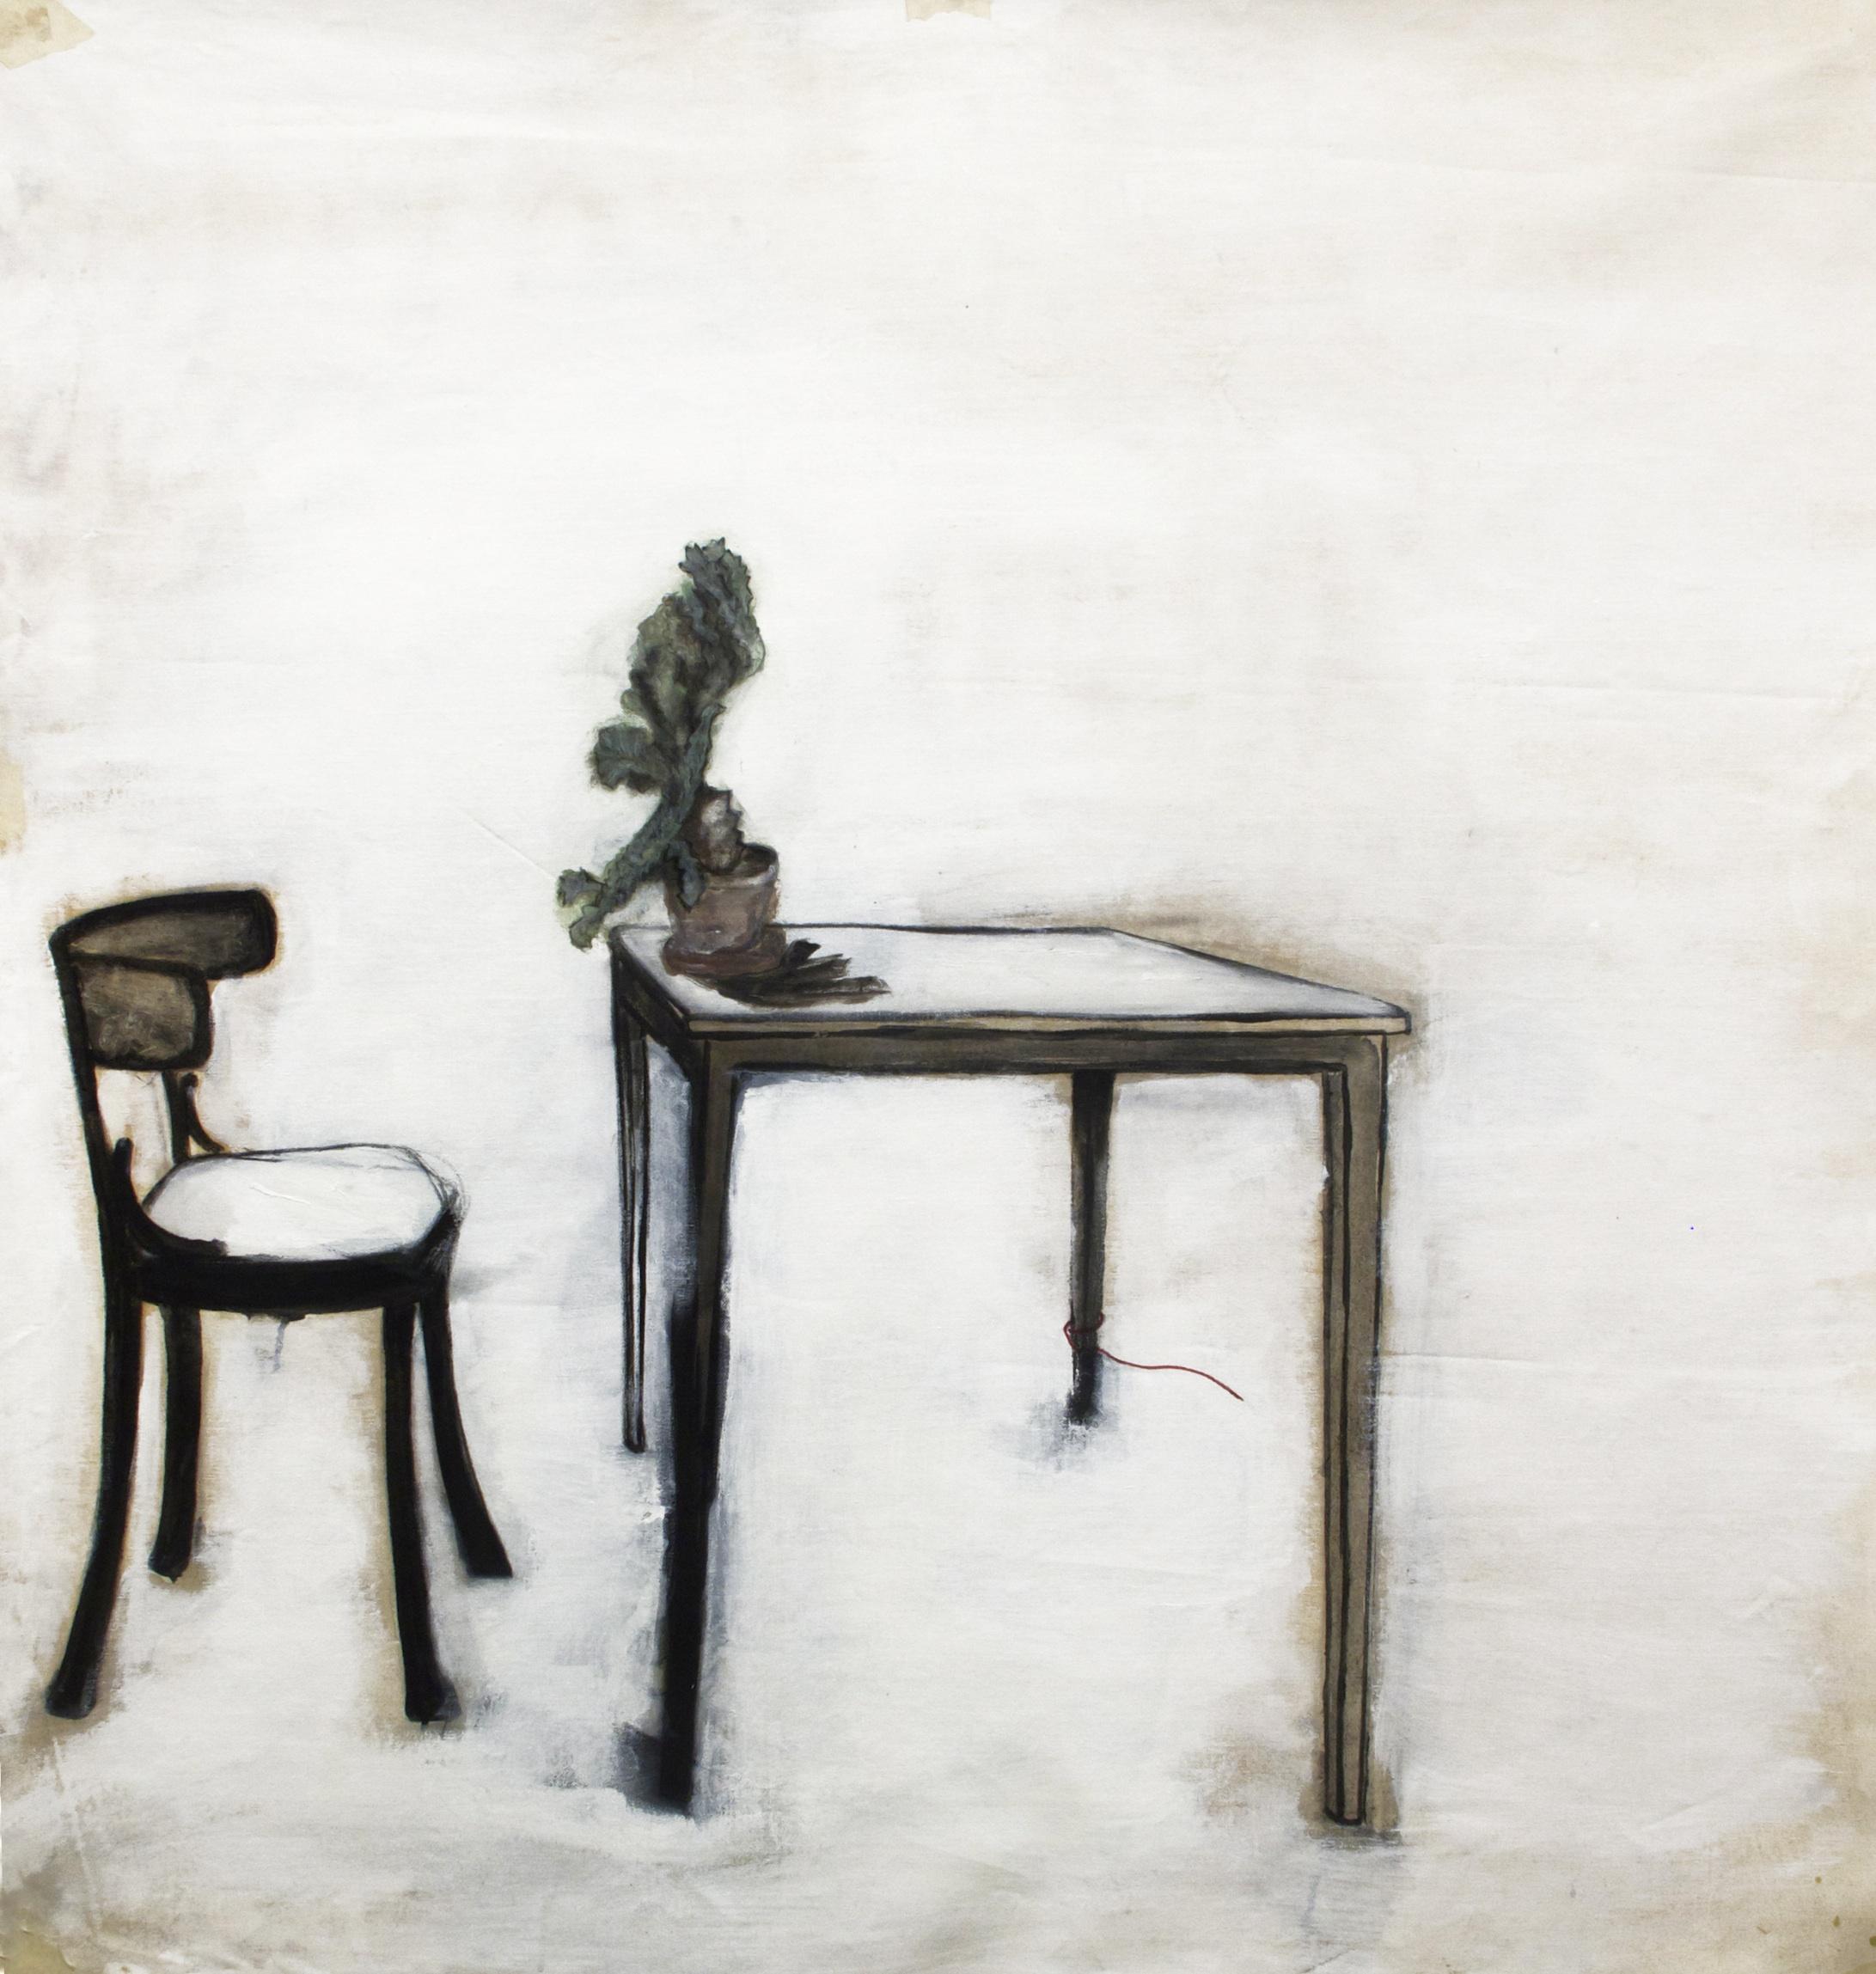 Table, Acrylic paint on canvas, 123 x 126 cm